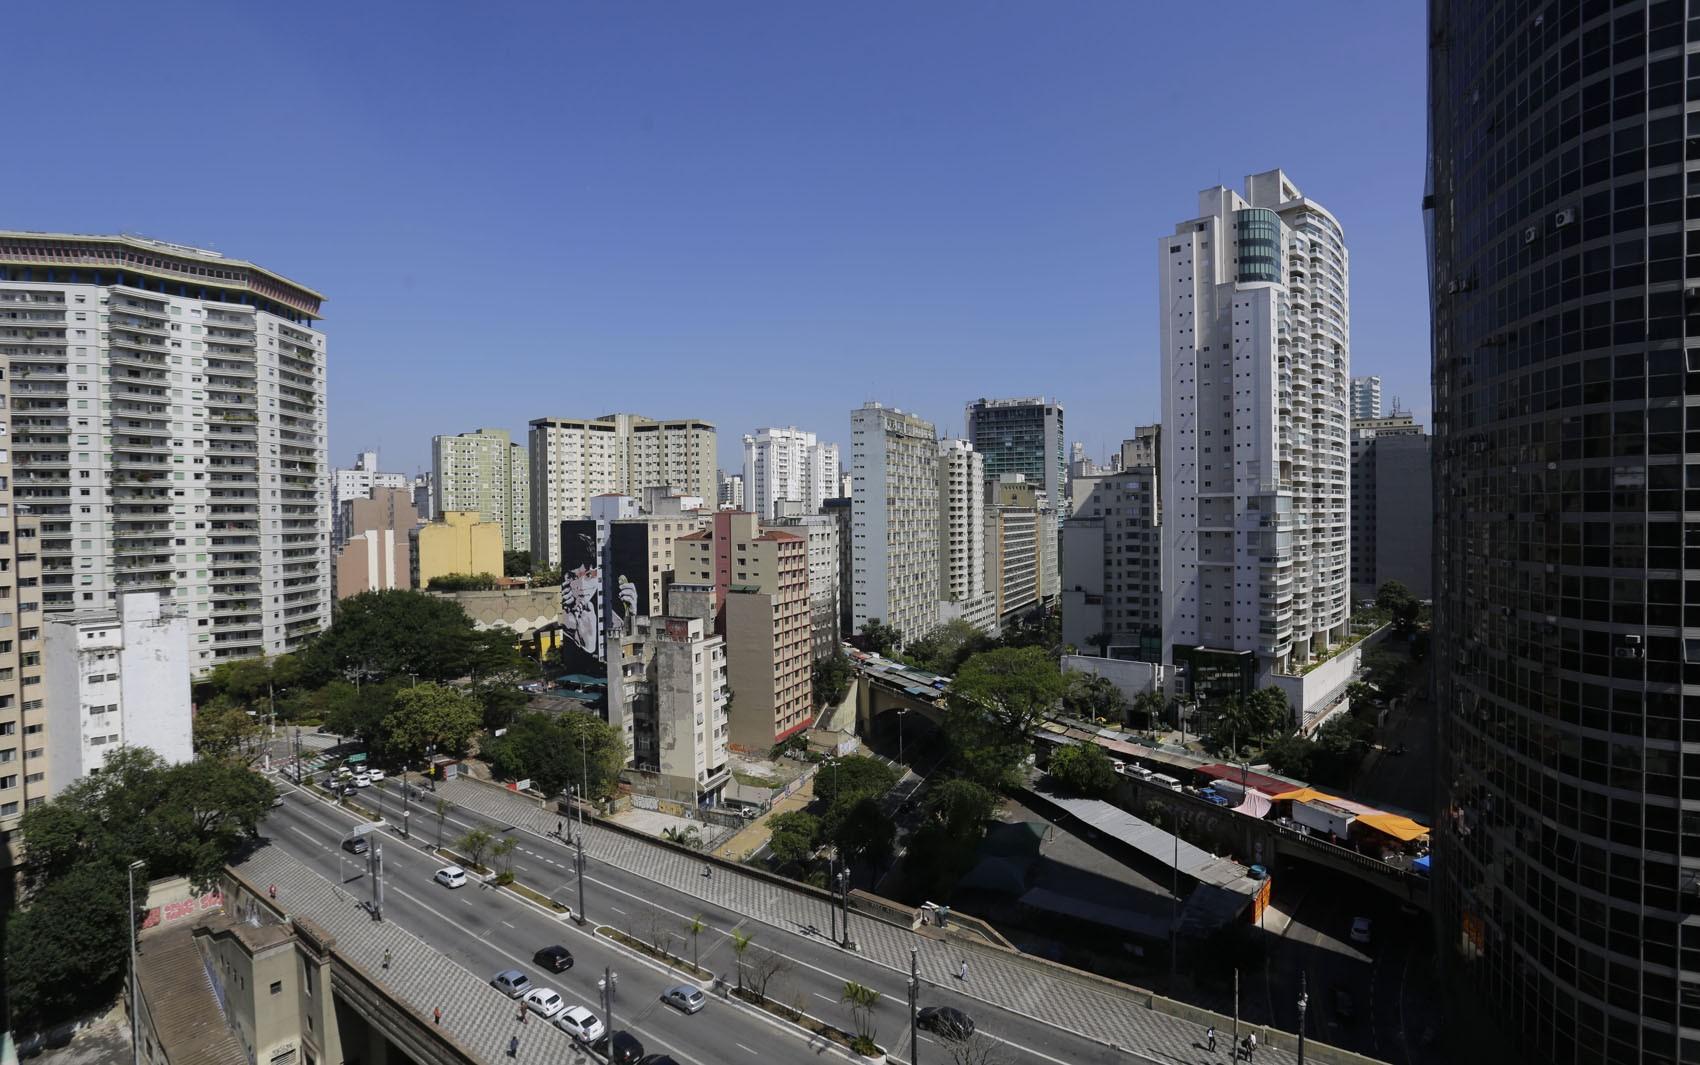 Preço anunciado para alugar imóveis sobe mais que a inflação pelo segundo mês seguido, diz Fipezap